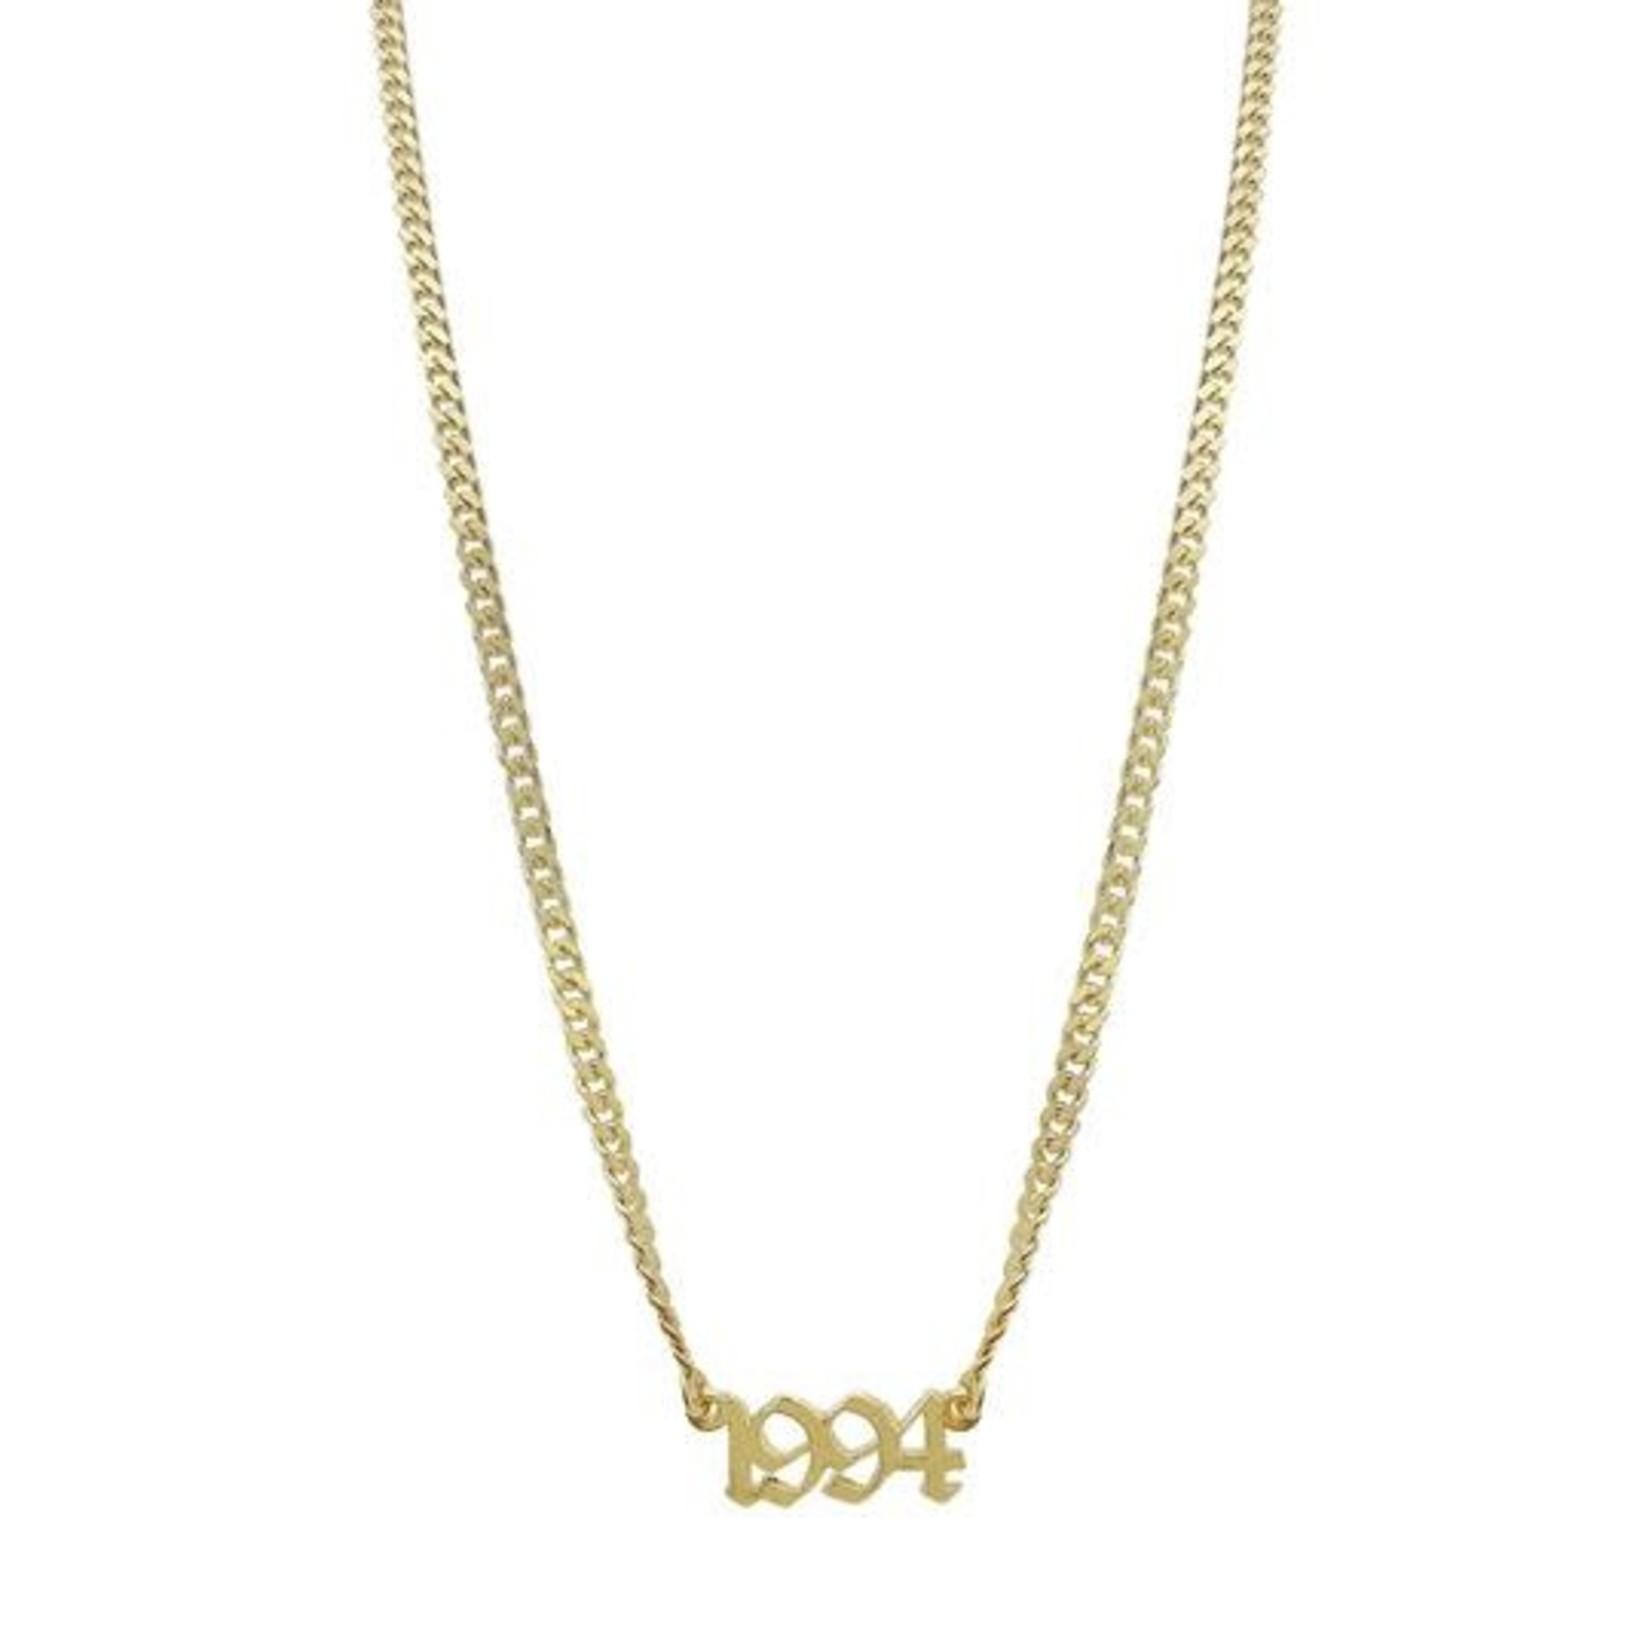 Adinas Gothic Year Nameplate Necklace